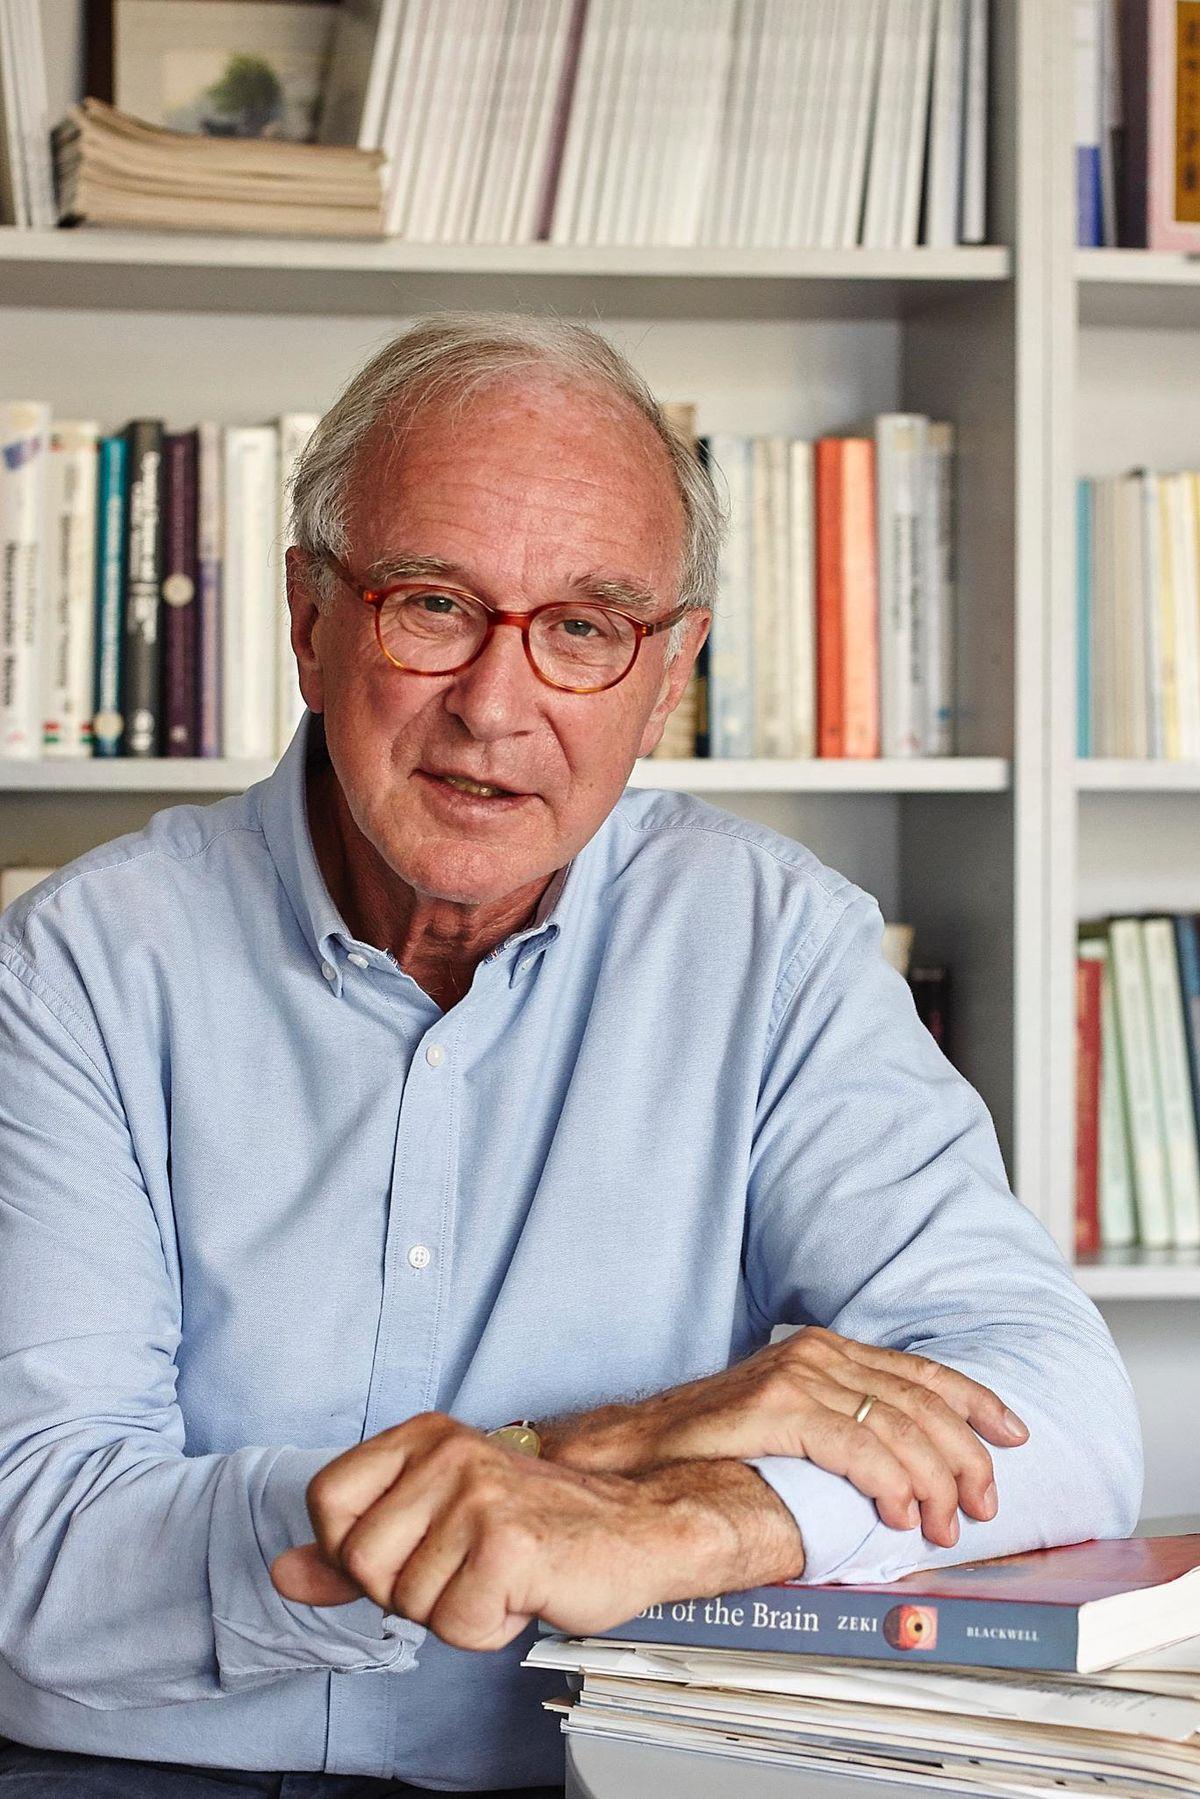 Cristoph von der Malsburg, physicist and neurobiologist from Frankfurt Institute for Advanced Studies